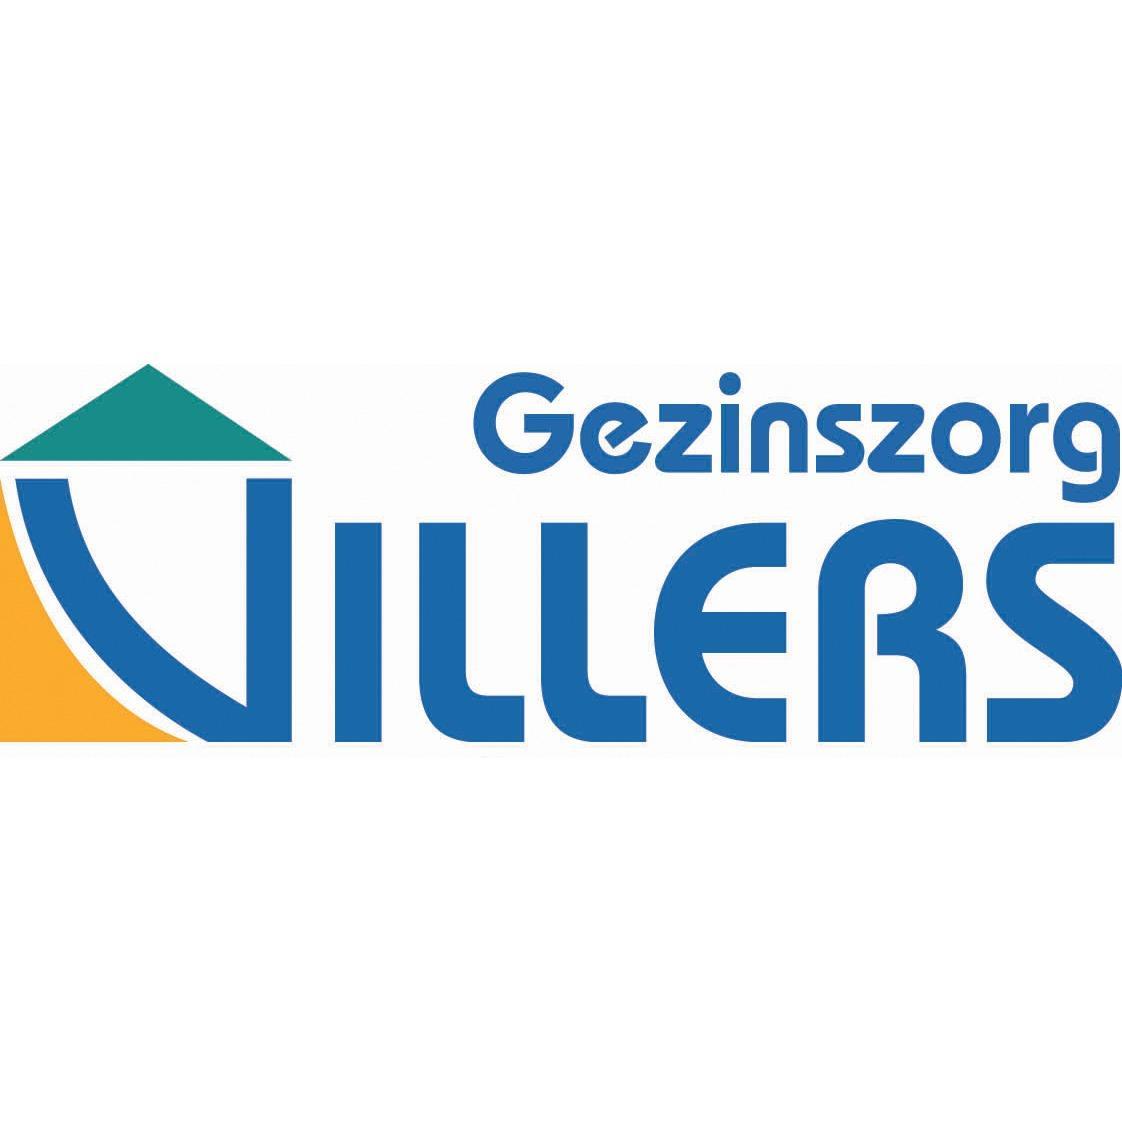 Gezinszorg Villers - Opleidingscentrum (Hoofdkantoor)